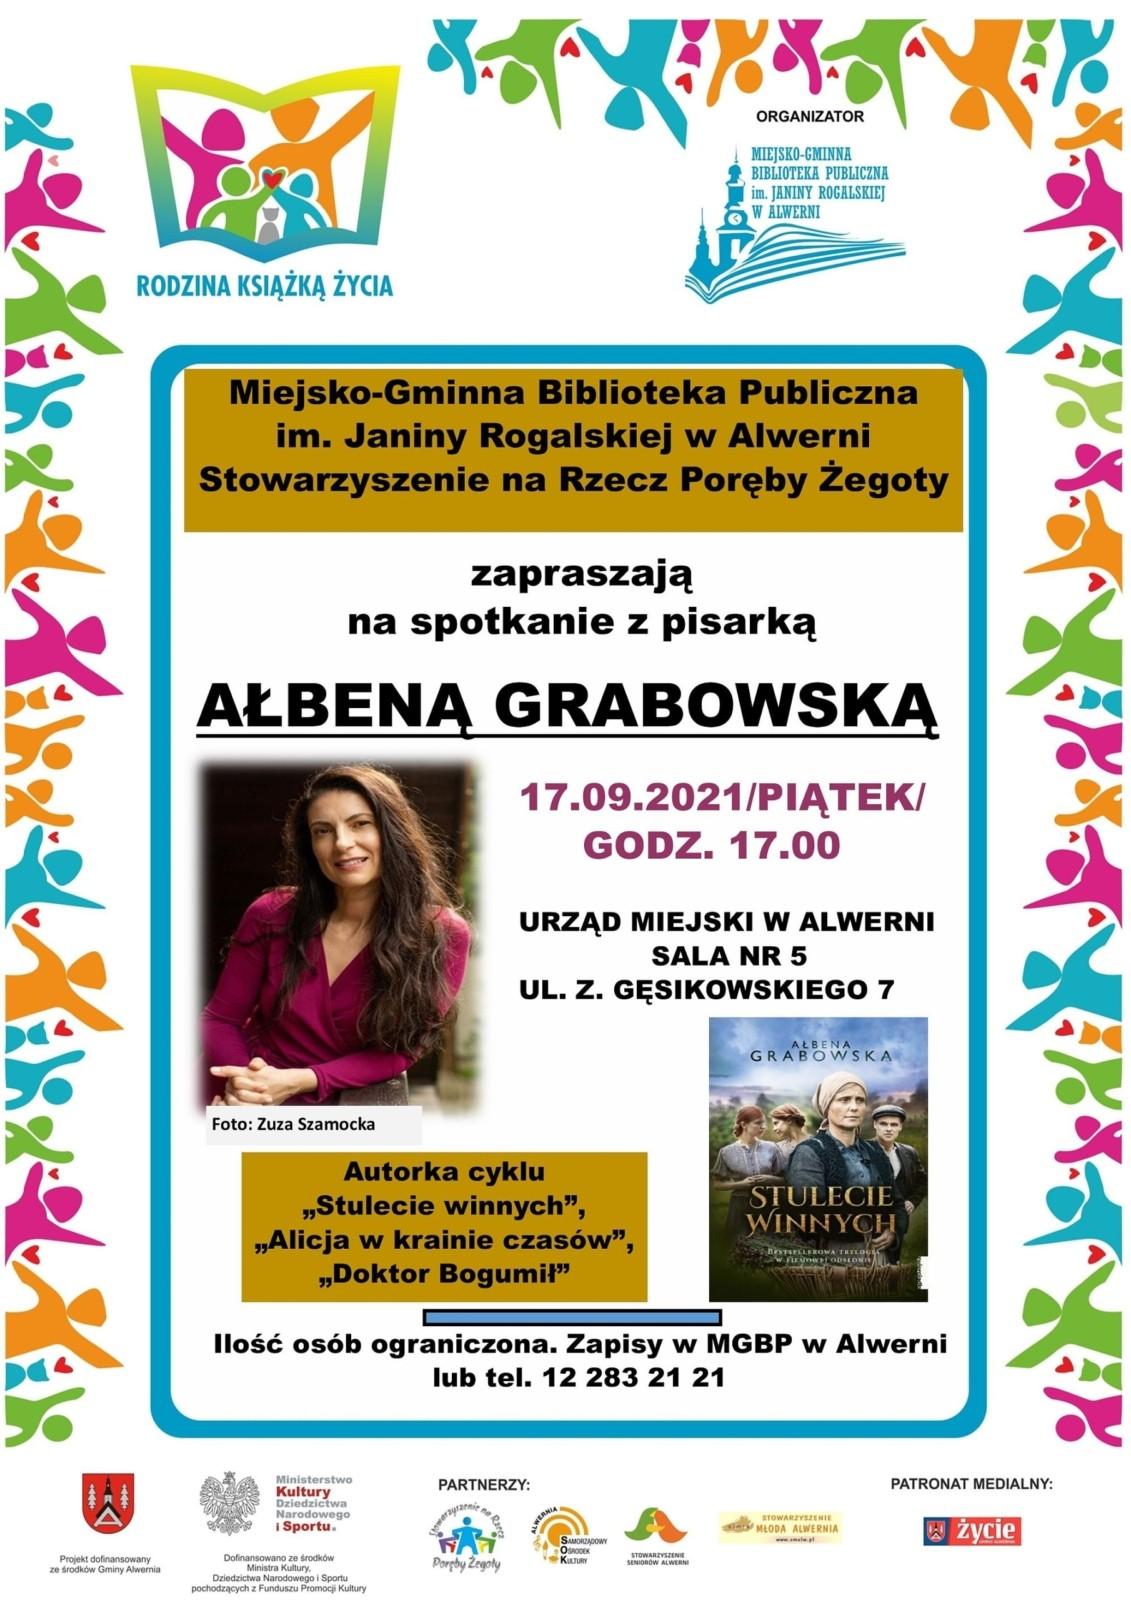 Spotkanie autorskie z pisarką Ałbeną Grabowską, Alwernia 17.09.2021 r.